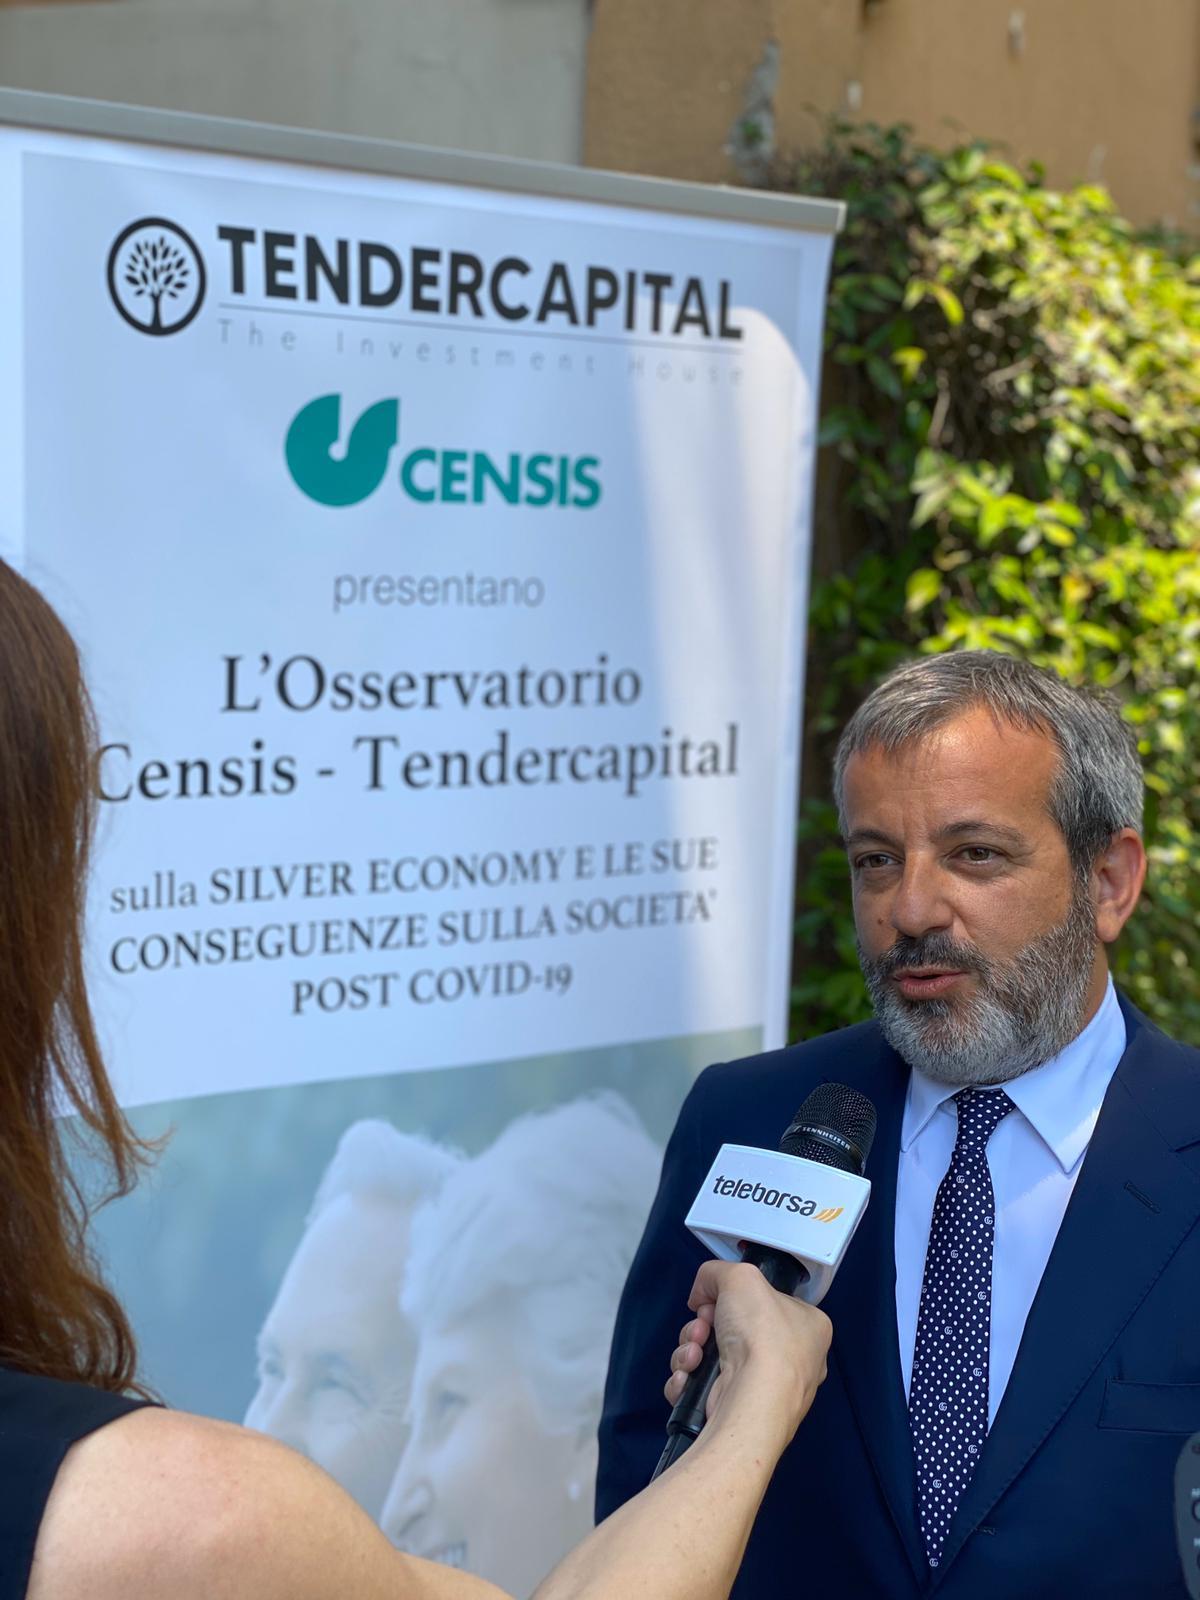 Moreno Zani Presidente Tendercapital - Società e consumi. Da ricerca Censis su Silver economy post Covid-19 emerge sentimento di rancore dei giovani verso gli anziani